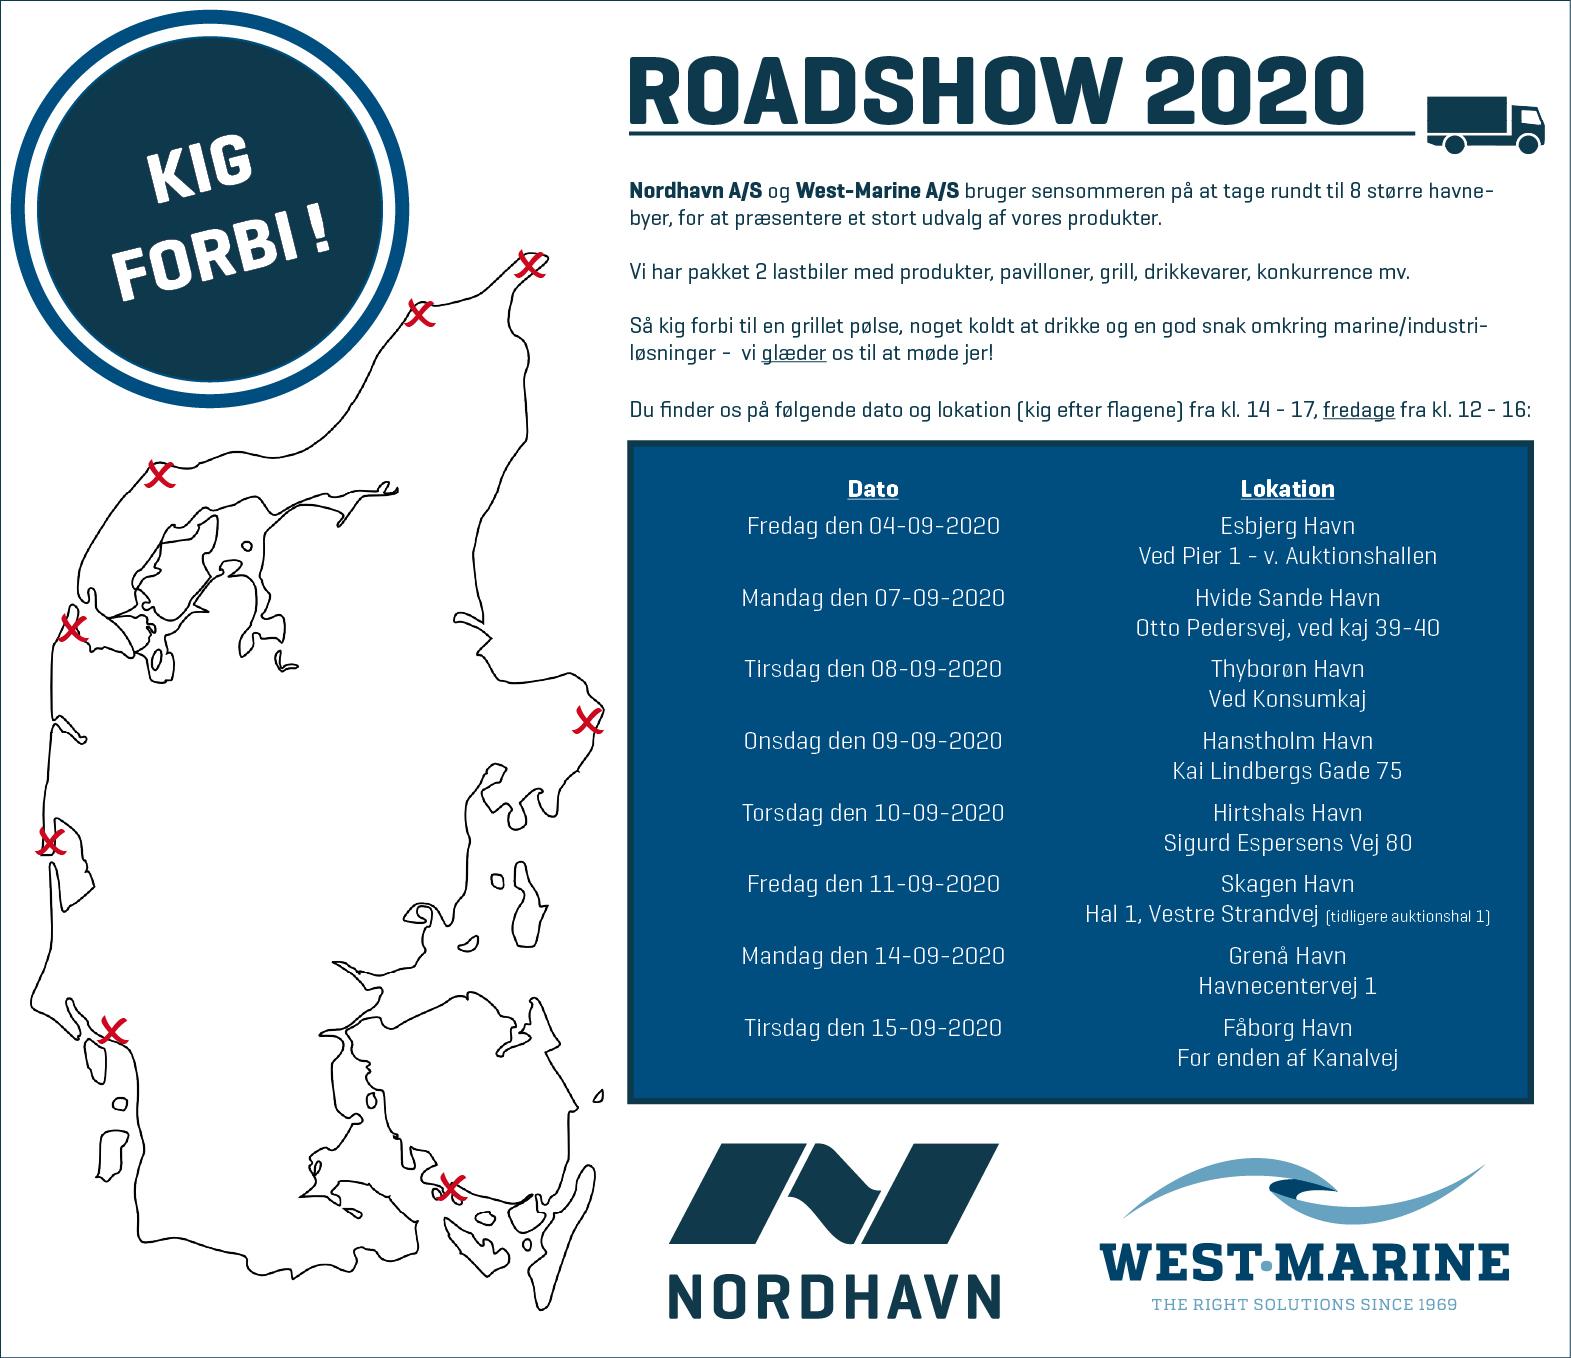 Roadshow 2020